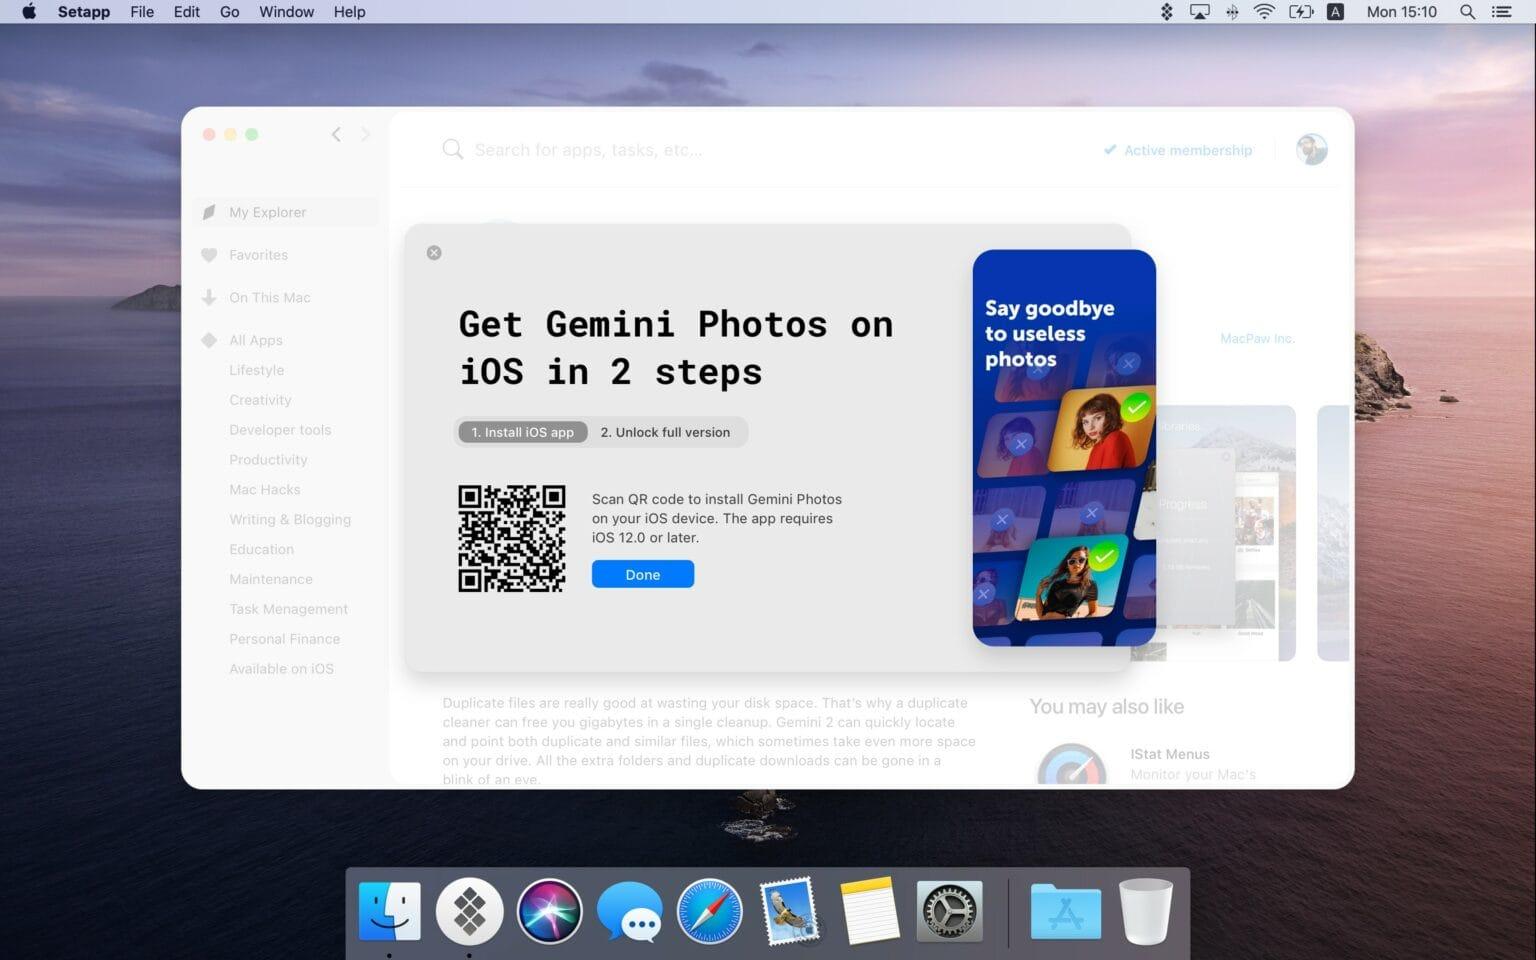 Setapp comes to iOS